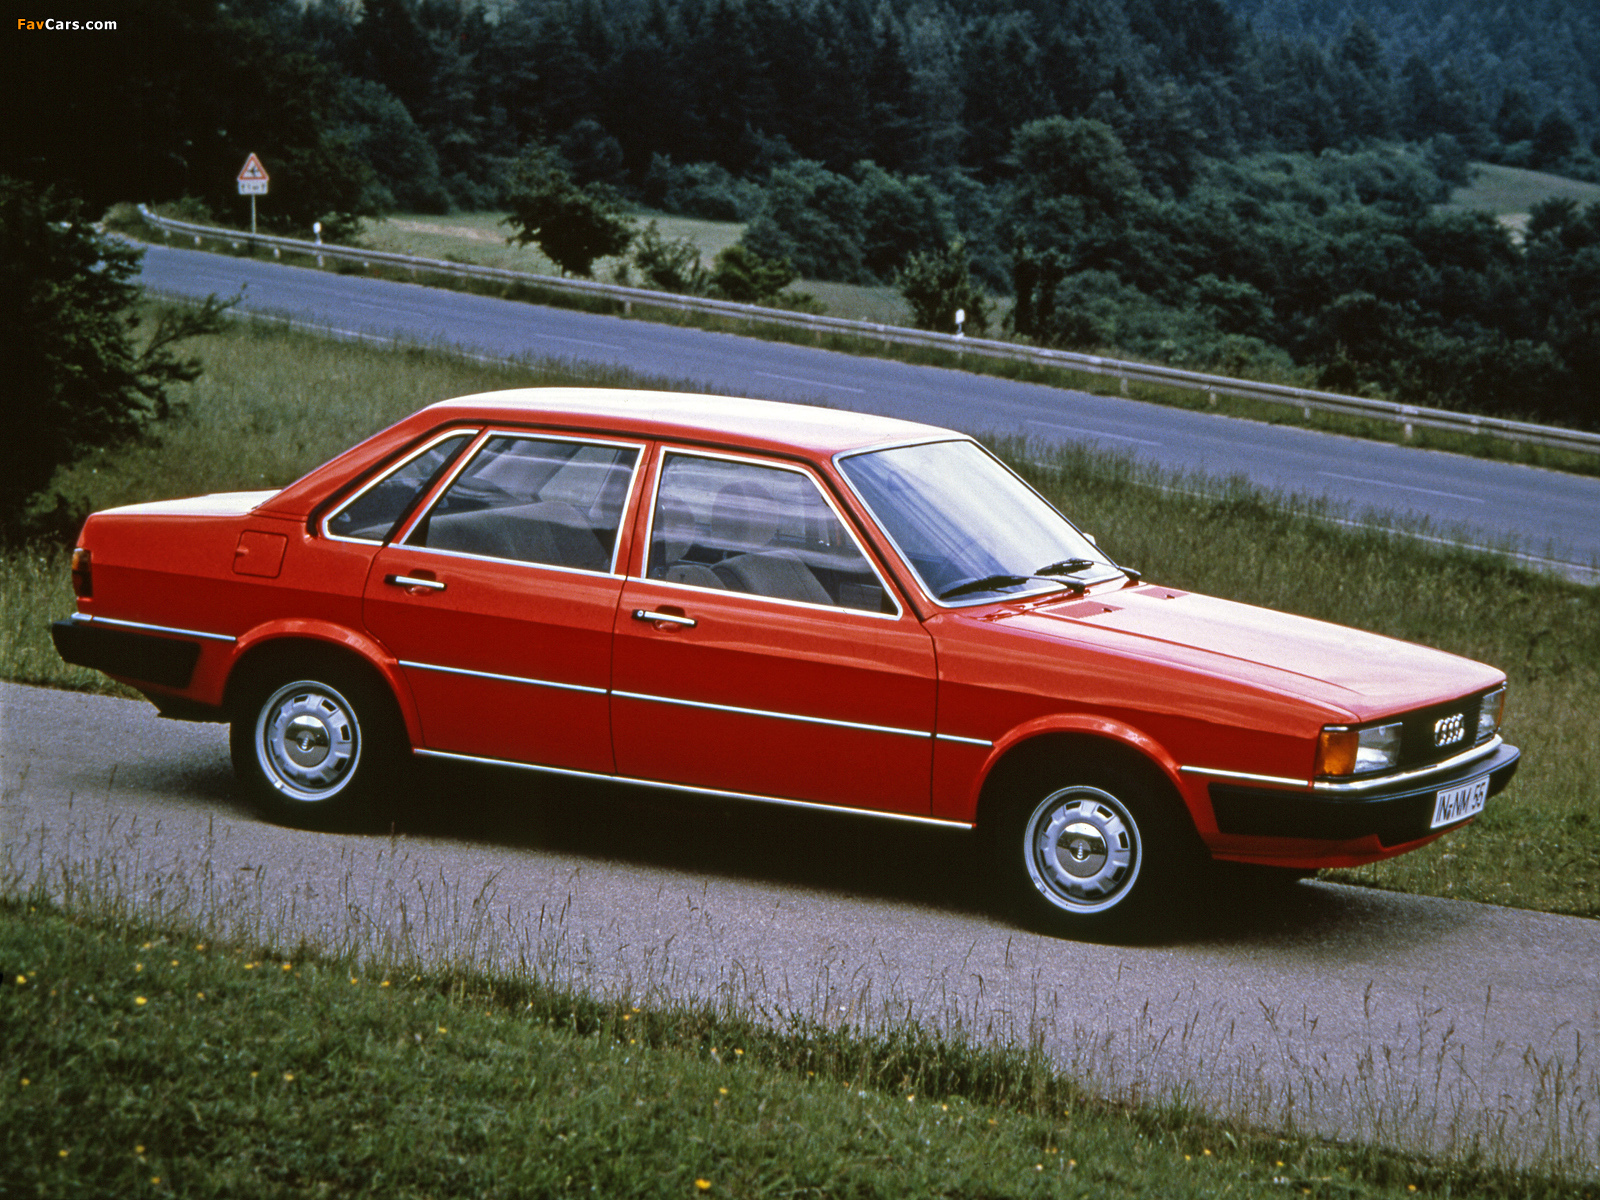 Audi 80 B2 1978 1981 Photos 1600x1200